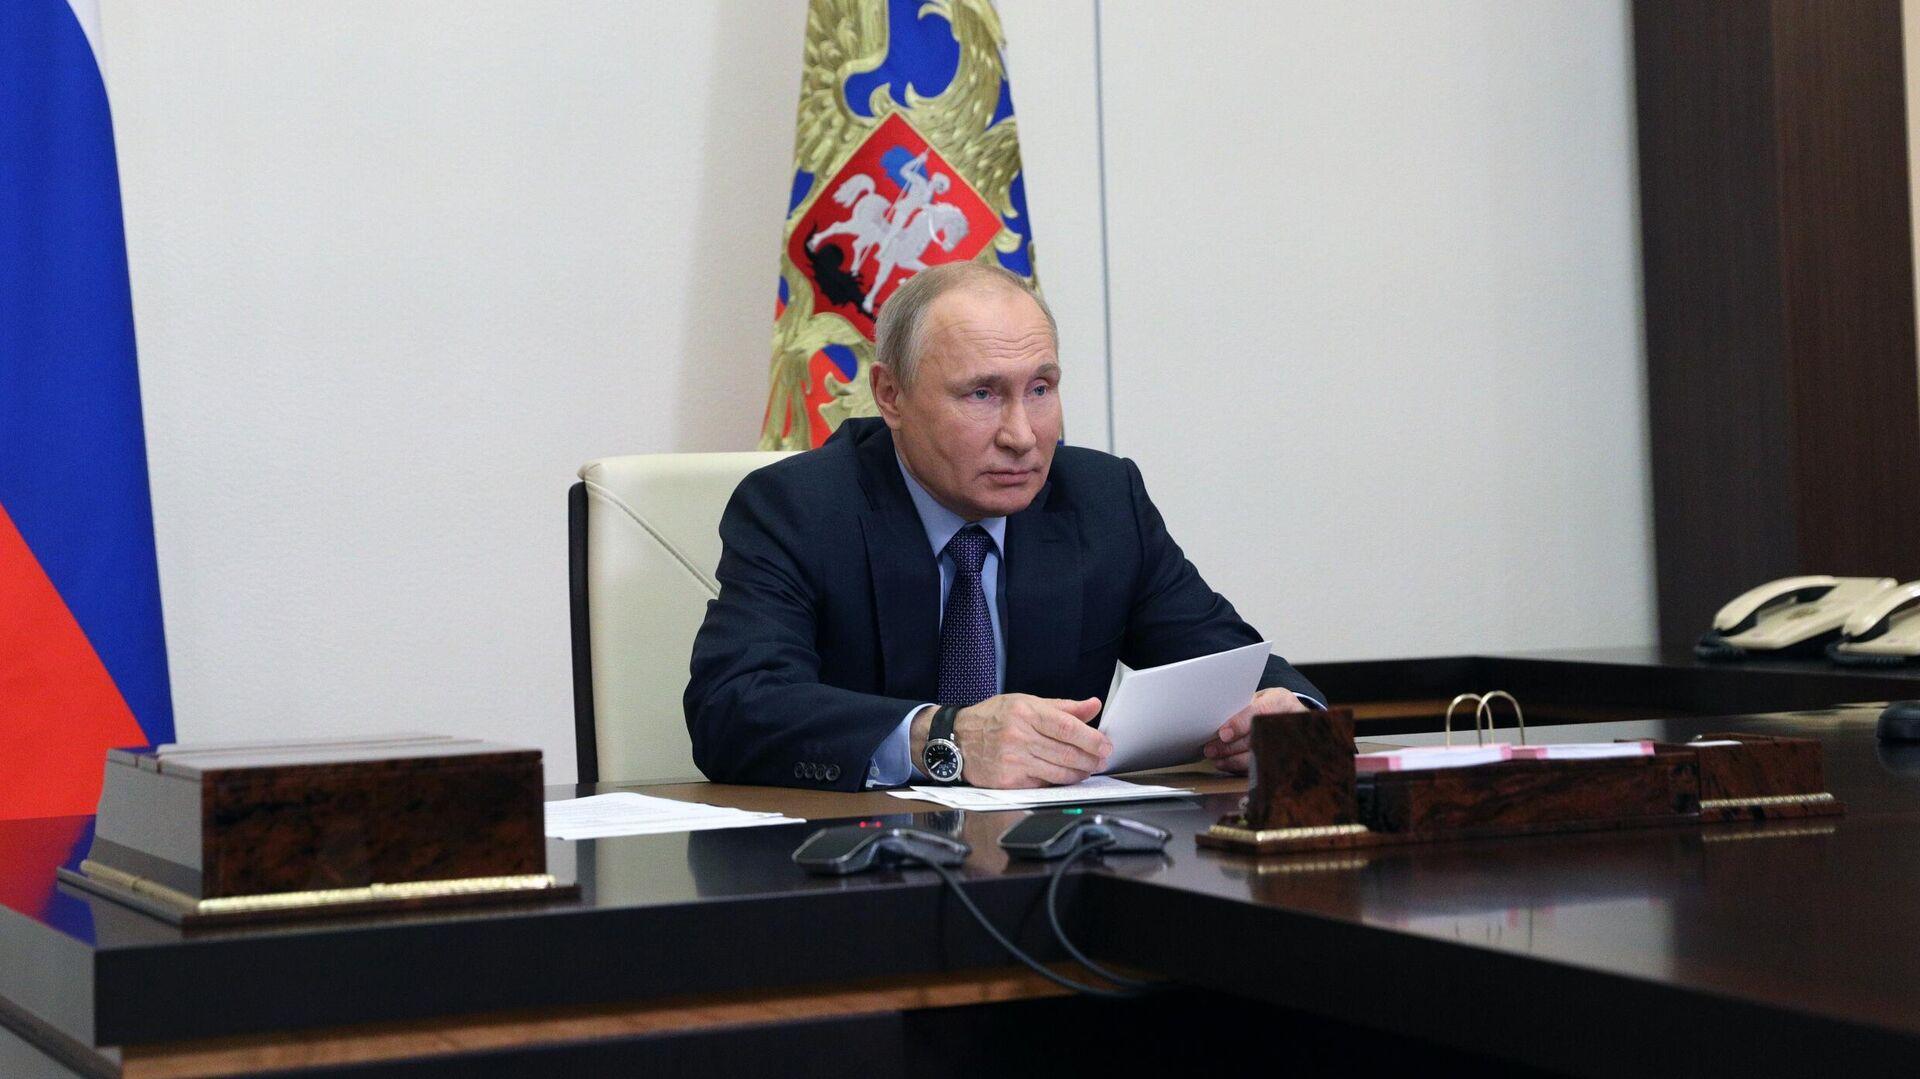 Президент РФ Владимир Путин в режиме видеоконференции принимает участие в запуске Амурского газоперерабатывающего завода компании Газпром - РИА Новости, 1920, 09.06.2021